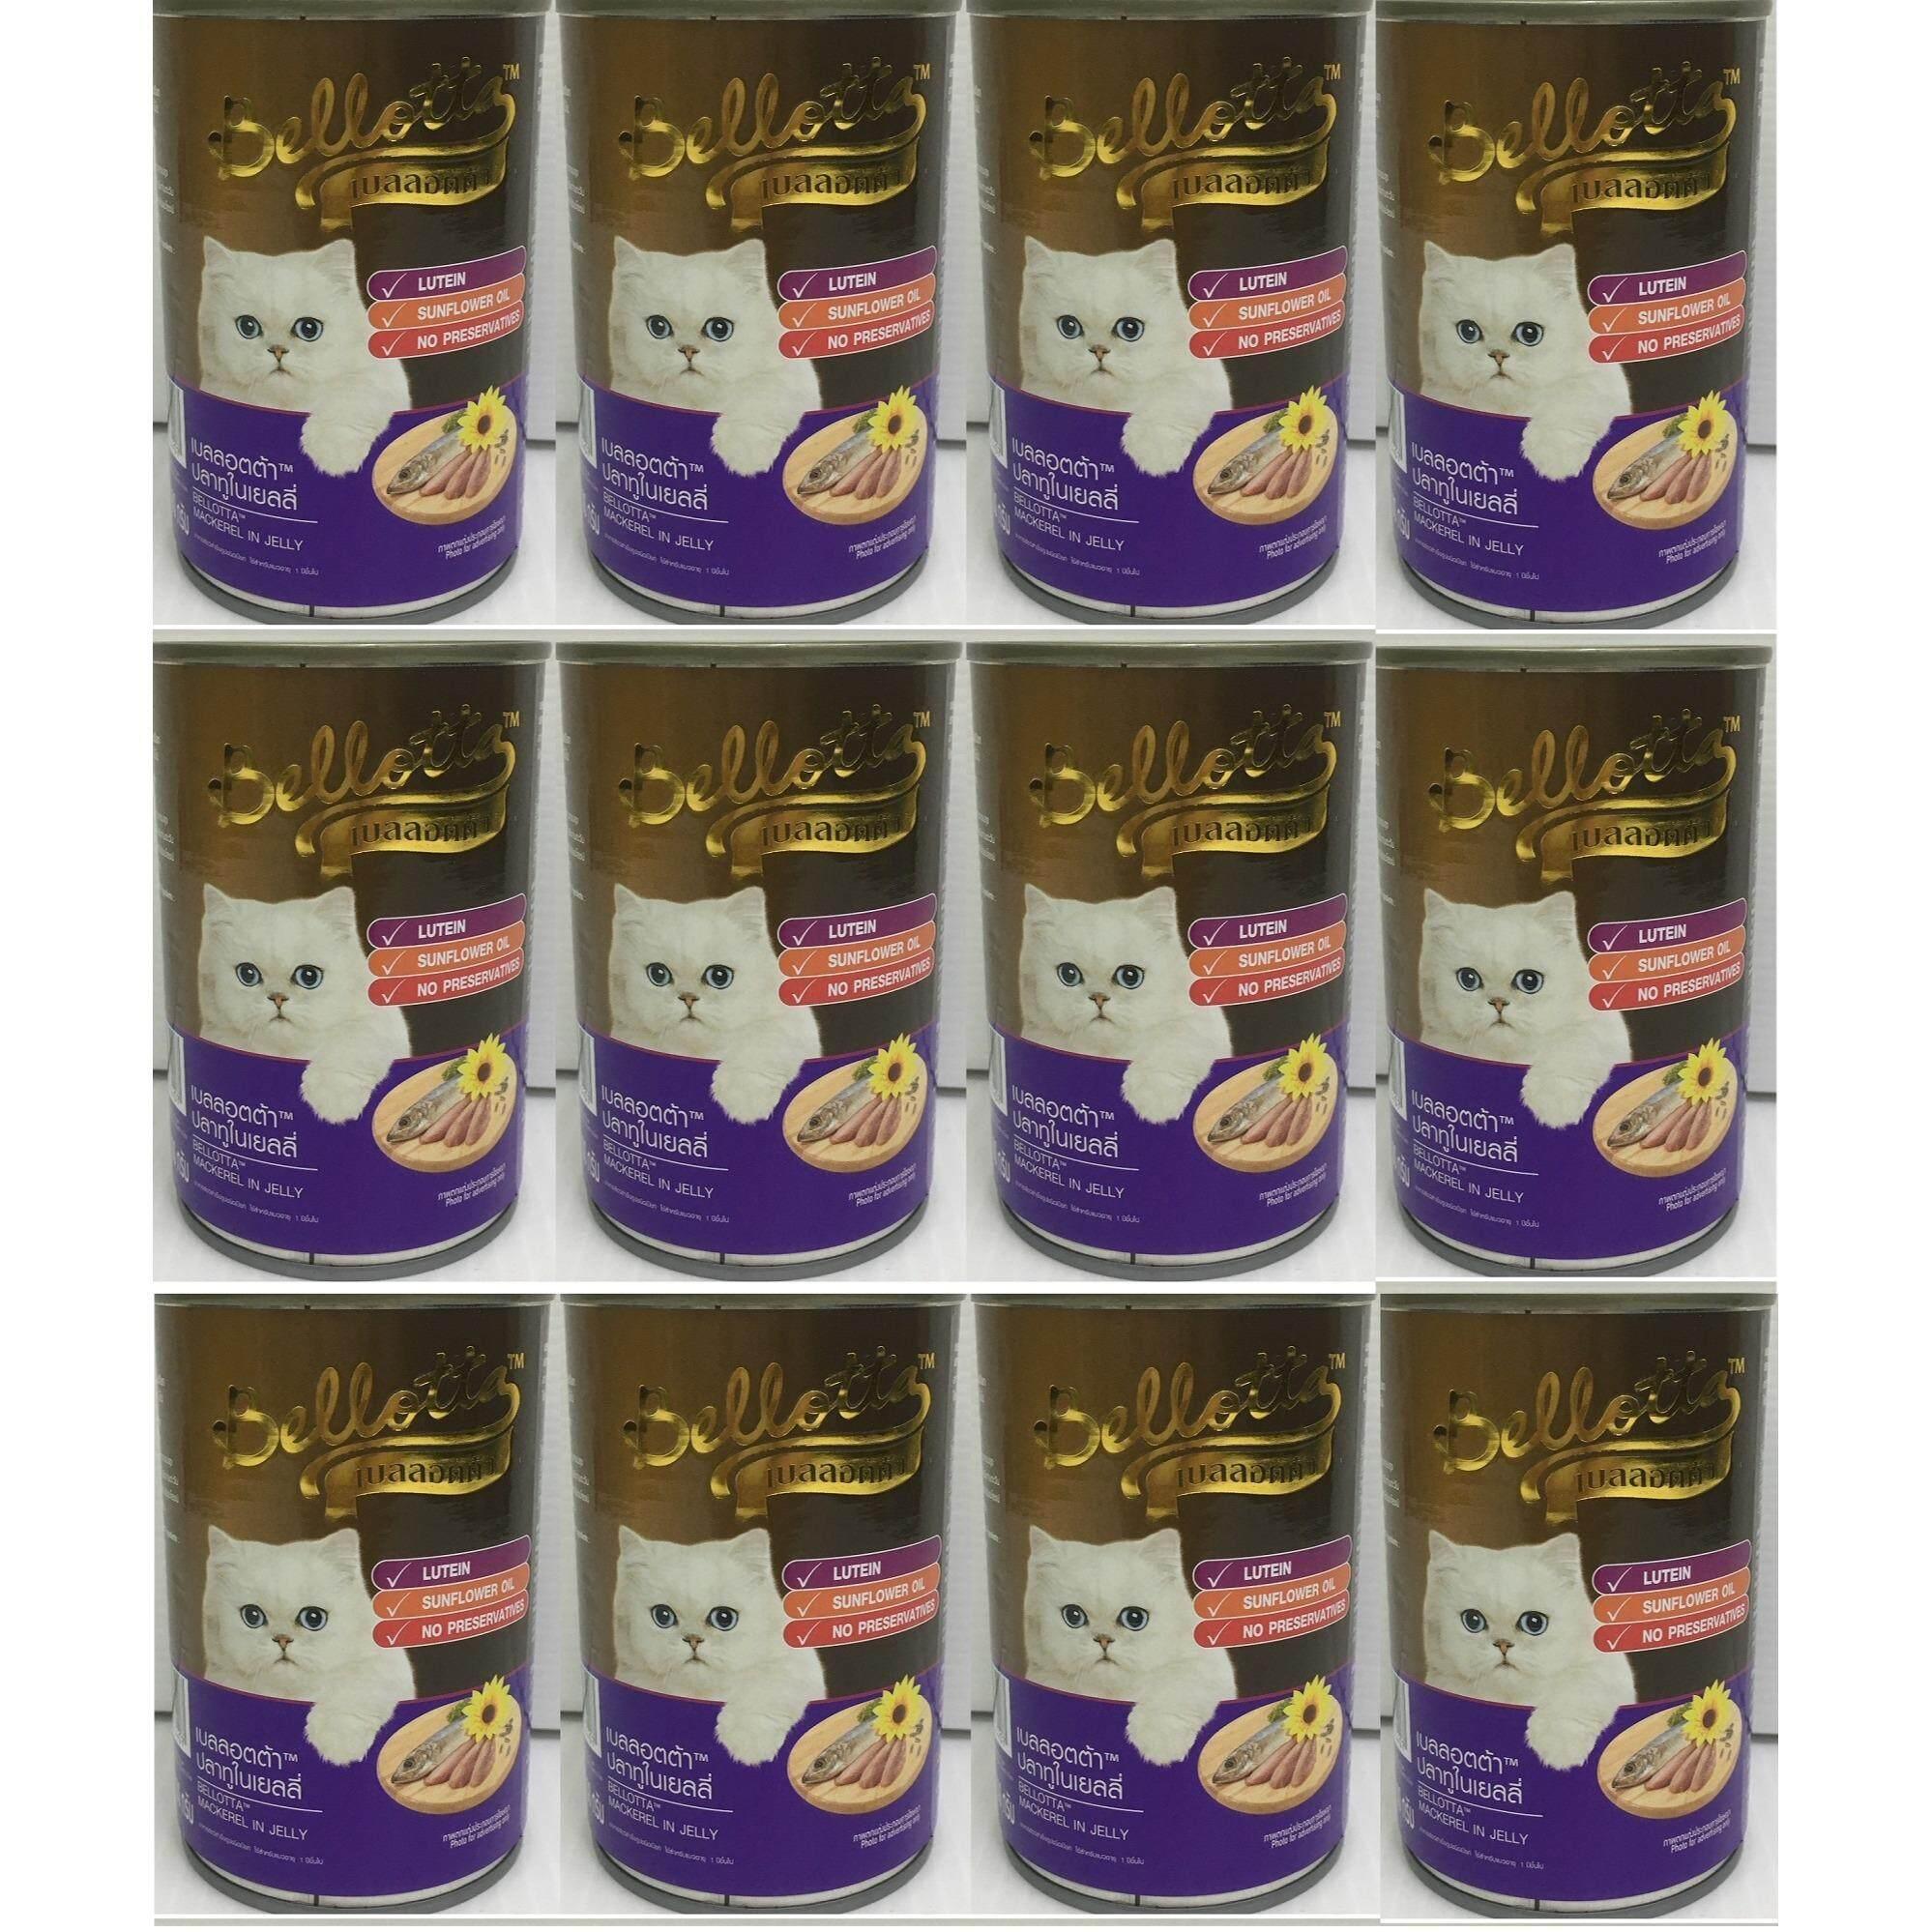 ทบทวน Bellotta อาหารเปียกสำหรับแมว ชนิดกระป๋อง รสปลาทูในเยลลี่ ขนาด 400G 12 Units